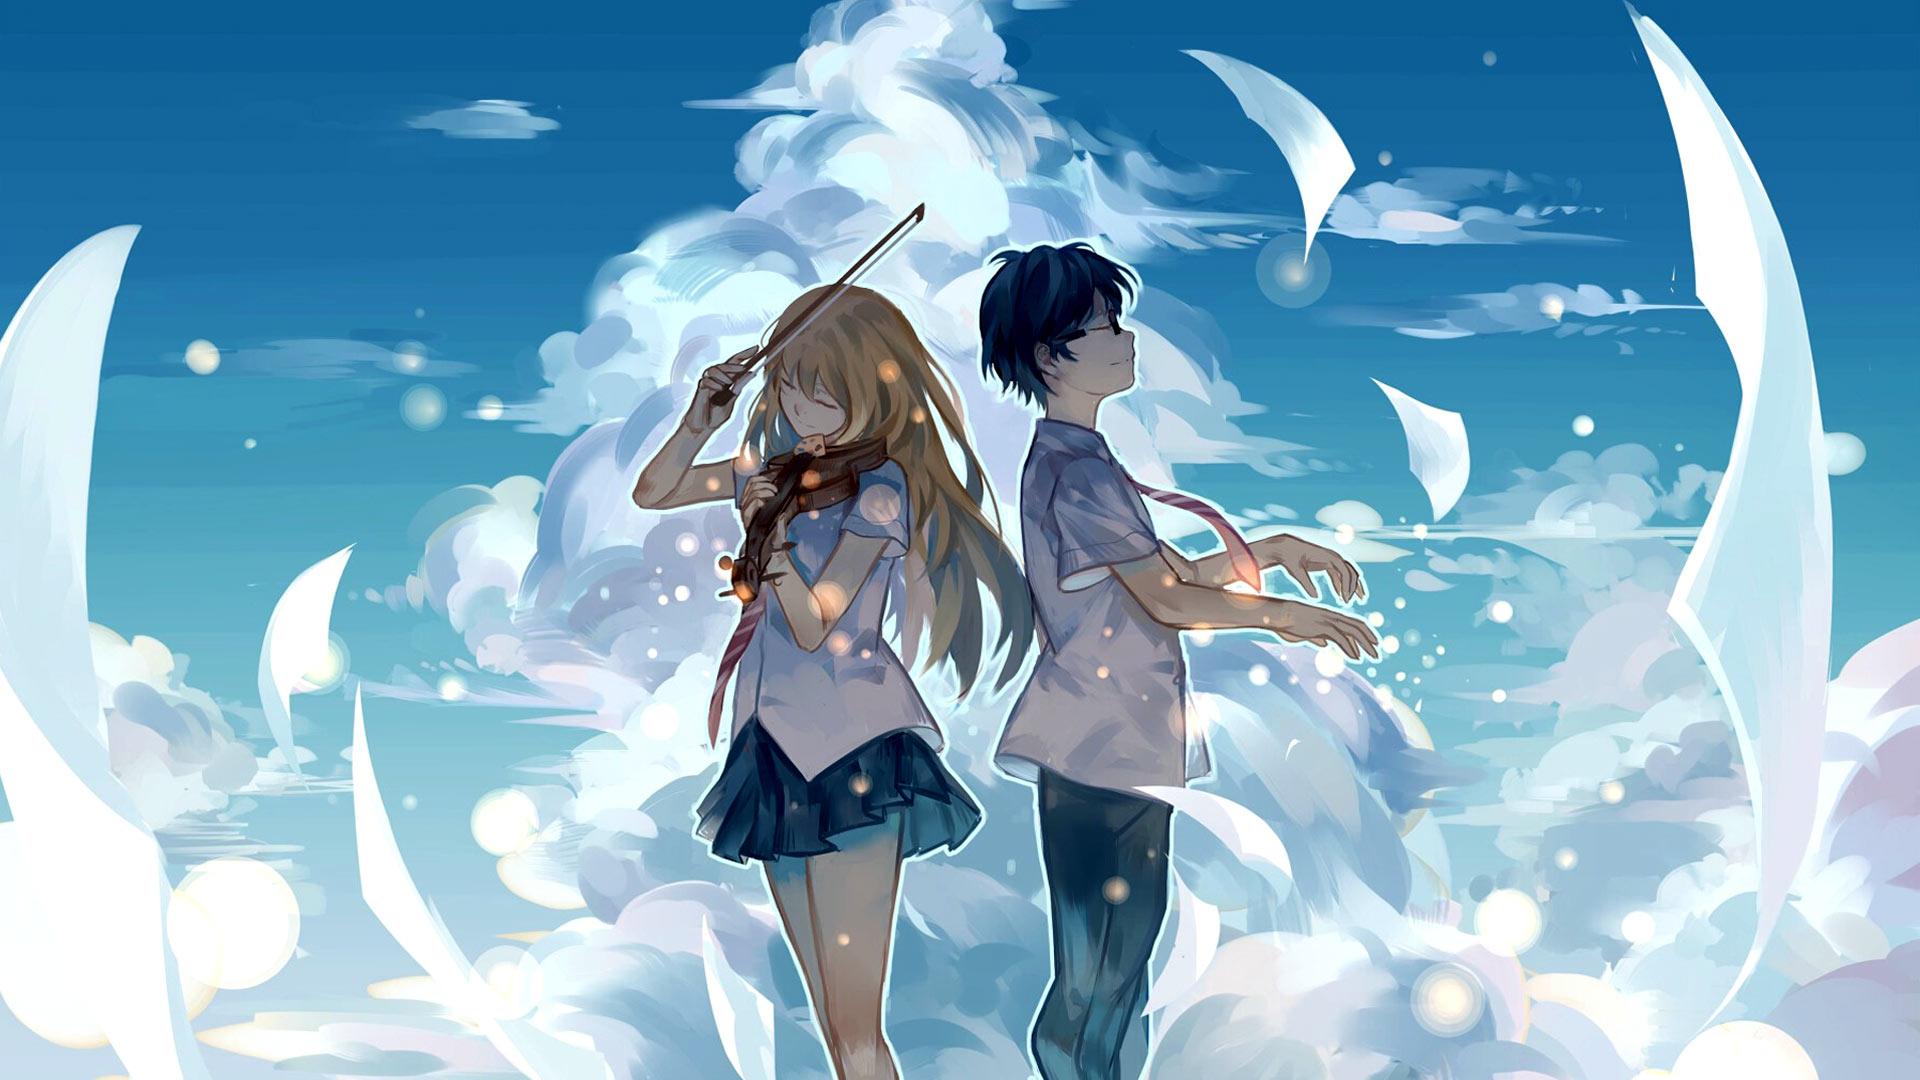 nhân vật anime nữ dễ thương nhất